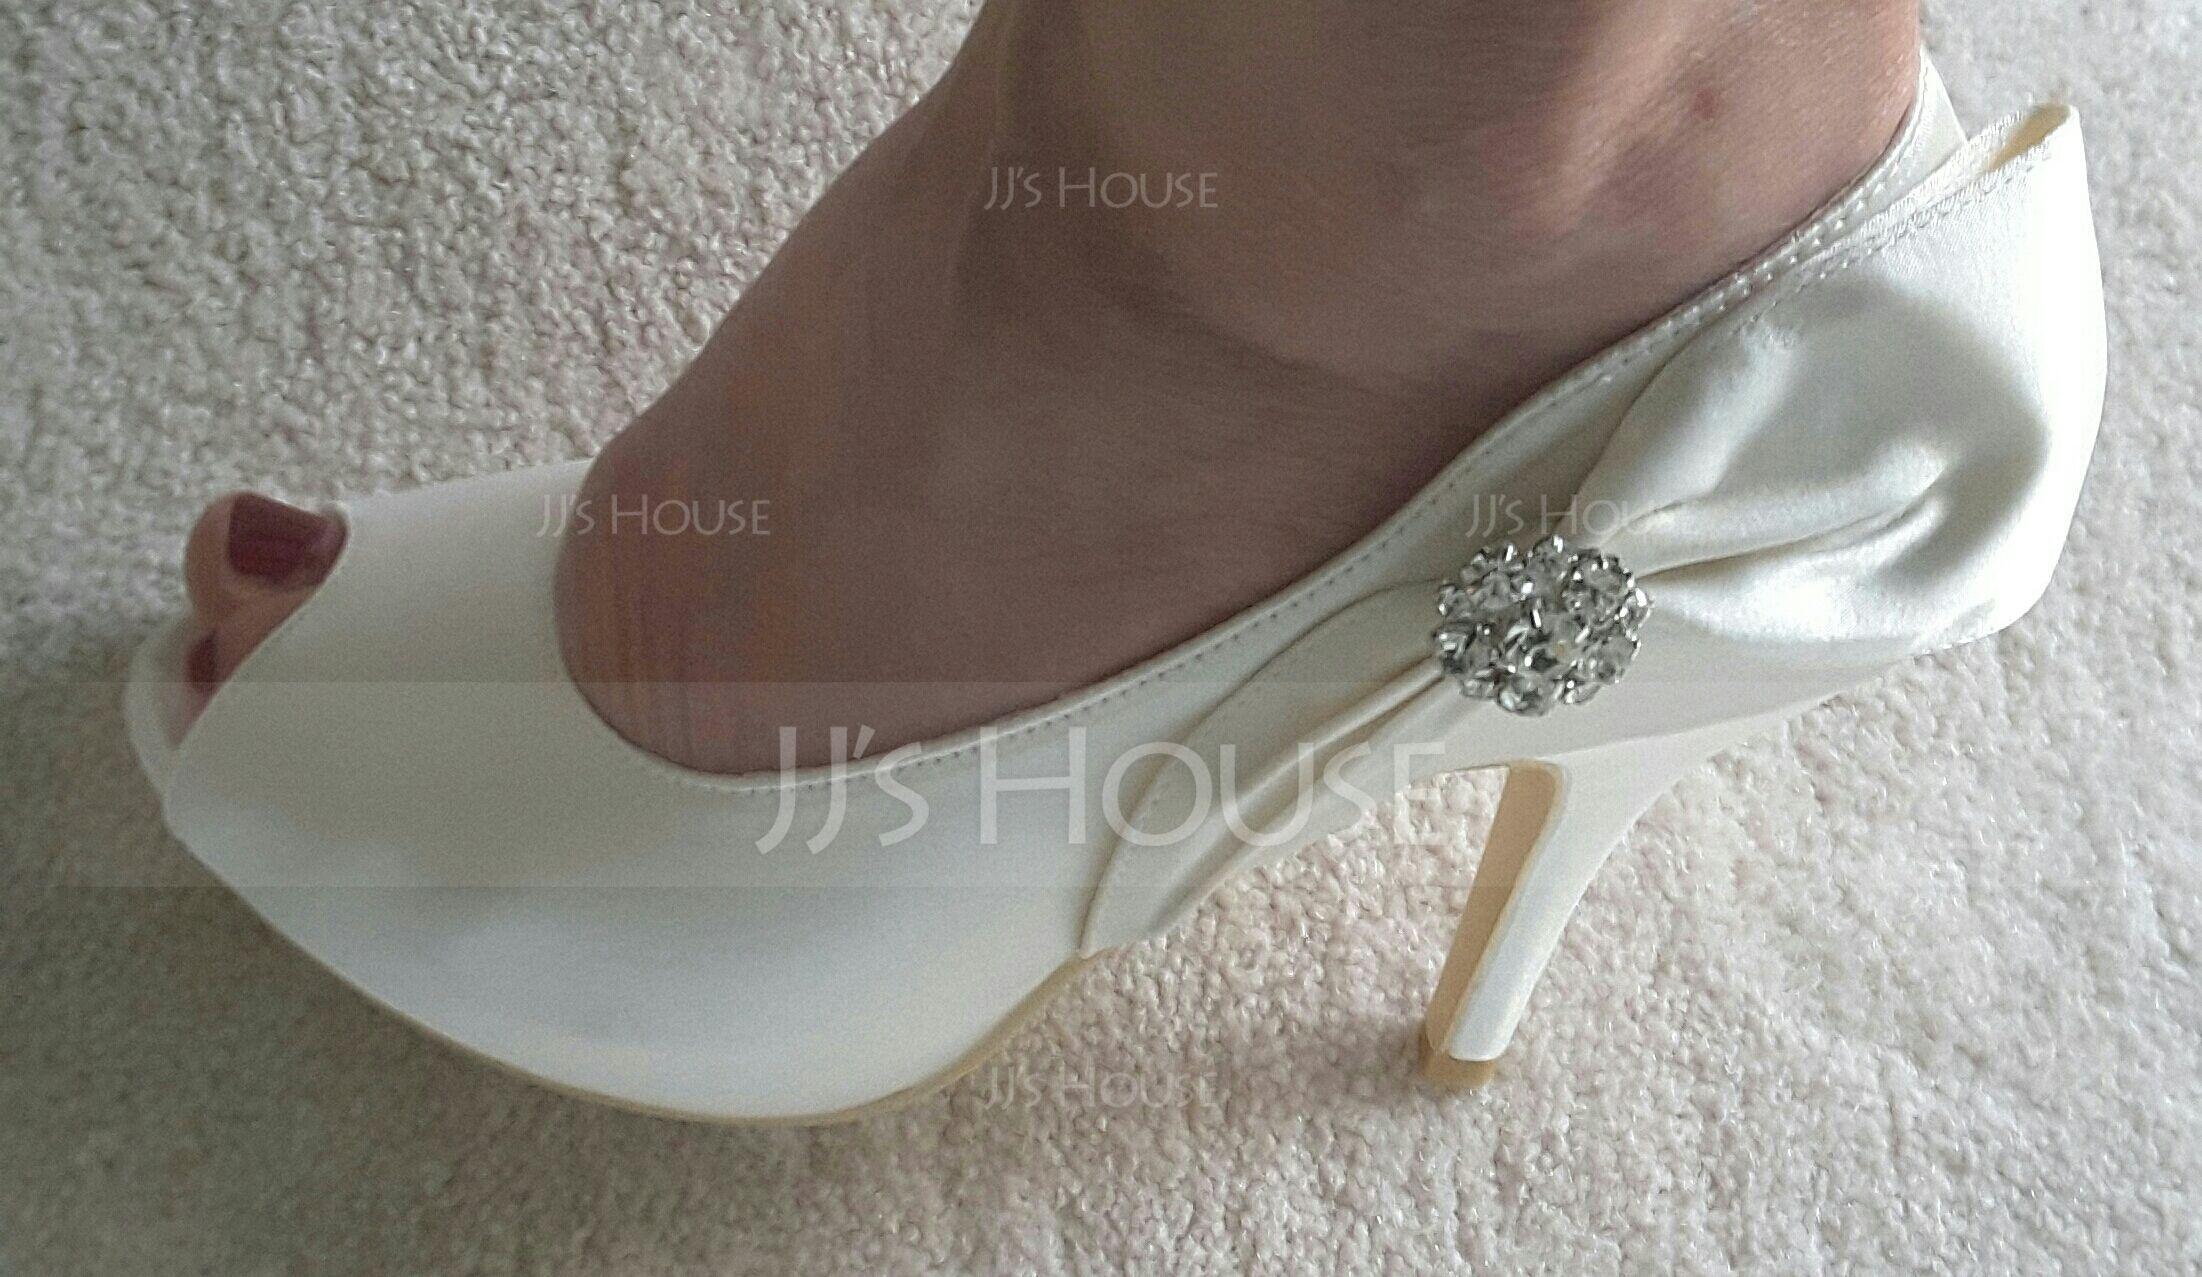 Vrouwen Satijn Stiletto Heel Peep Toe Pumps met Strik Strass (047048026)